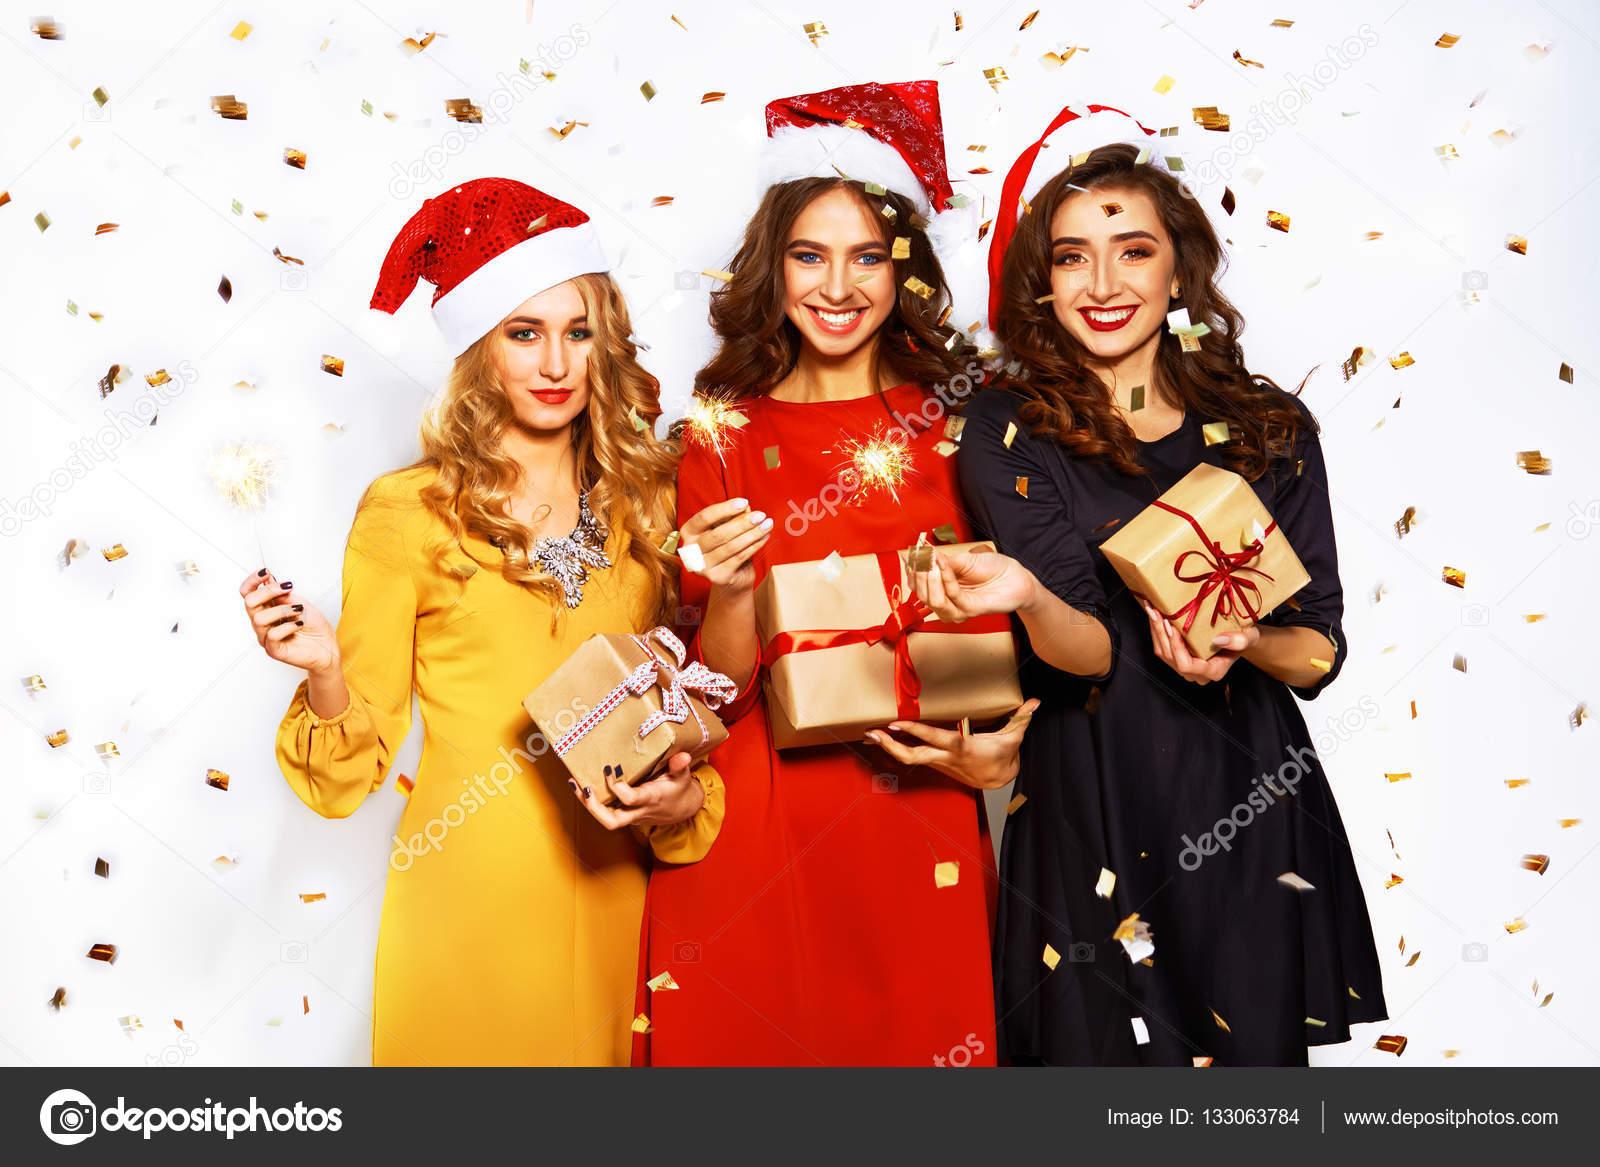 Retrato de tres mujeres jóvenes felices en sombrero de Papá Noel con  regalos y luces de f5ec9bf6b69